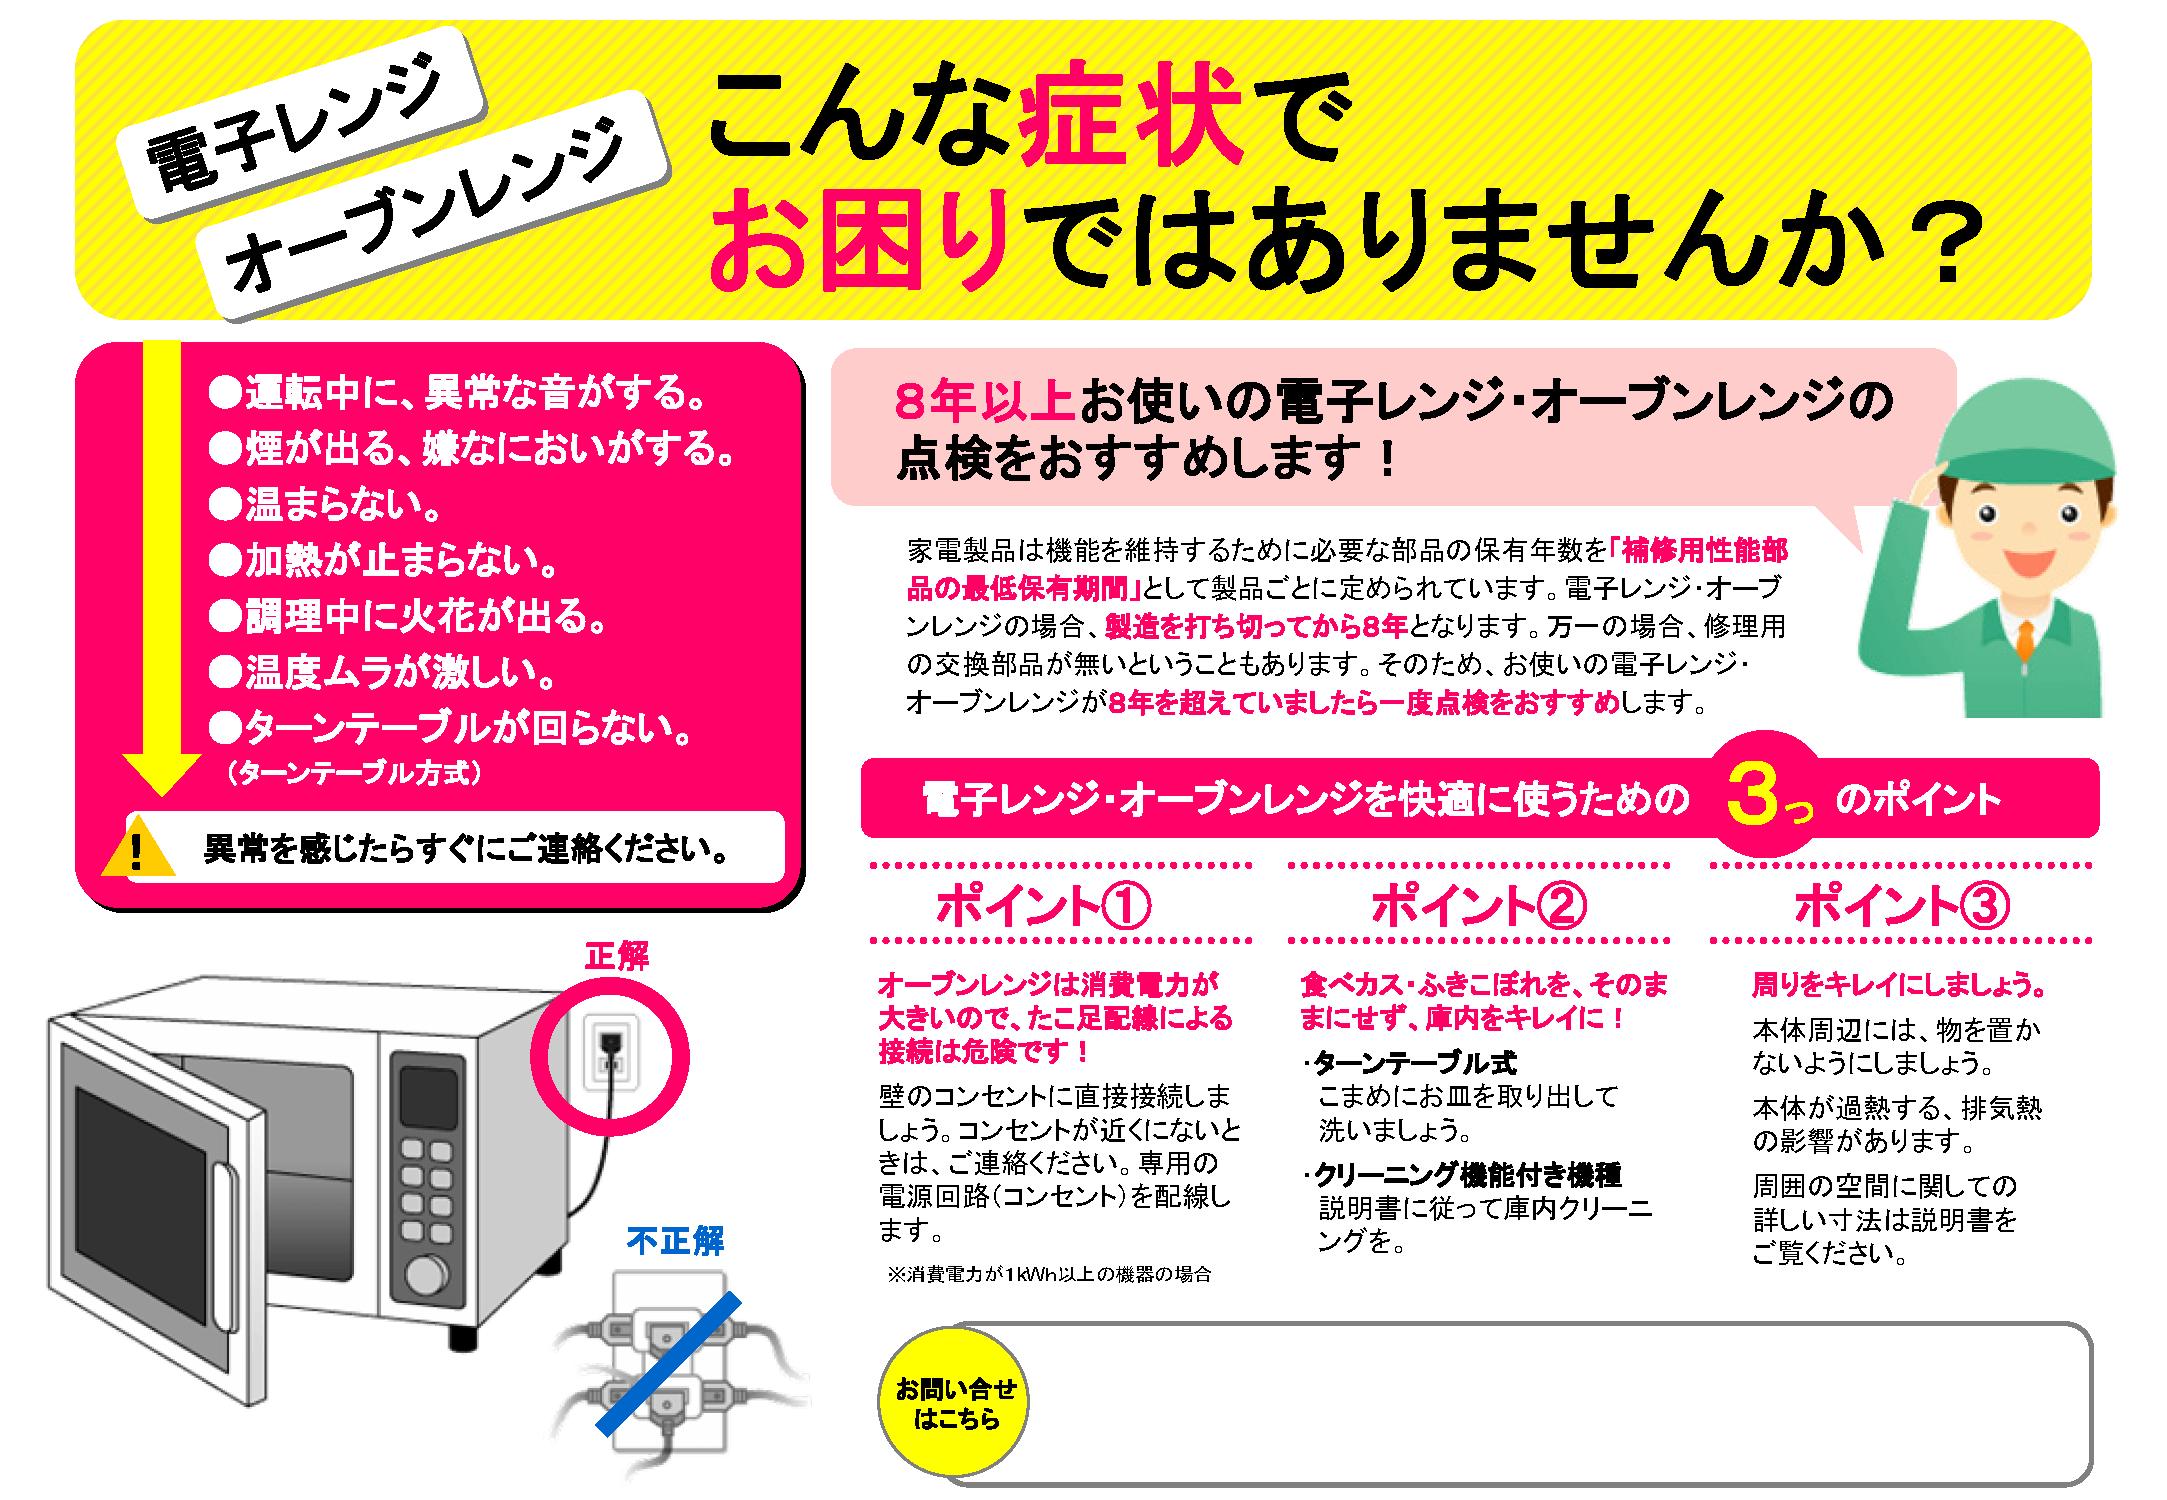 点検チラシ【電子レンジ・オーブンレンジ】